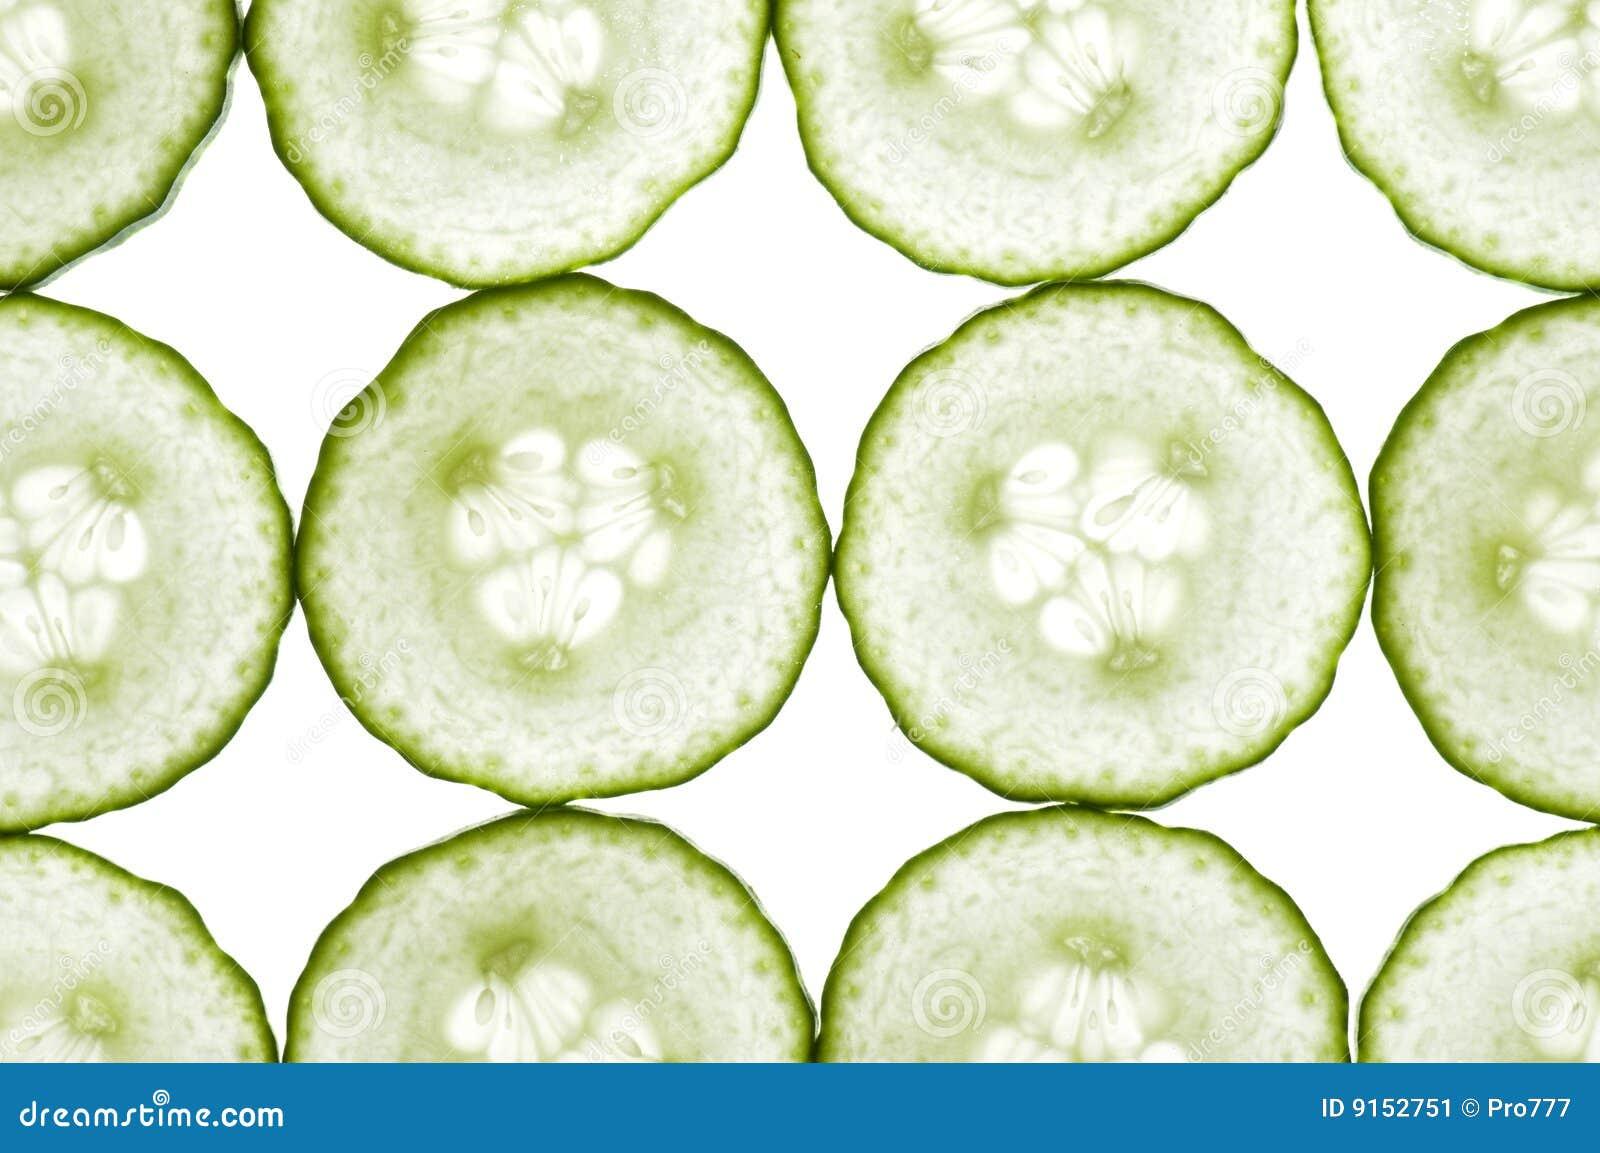 De achtergrond van komkommers stock afbeelding afbeelding 9152751 - De komkommers ...